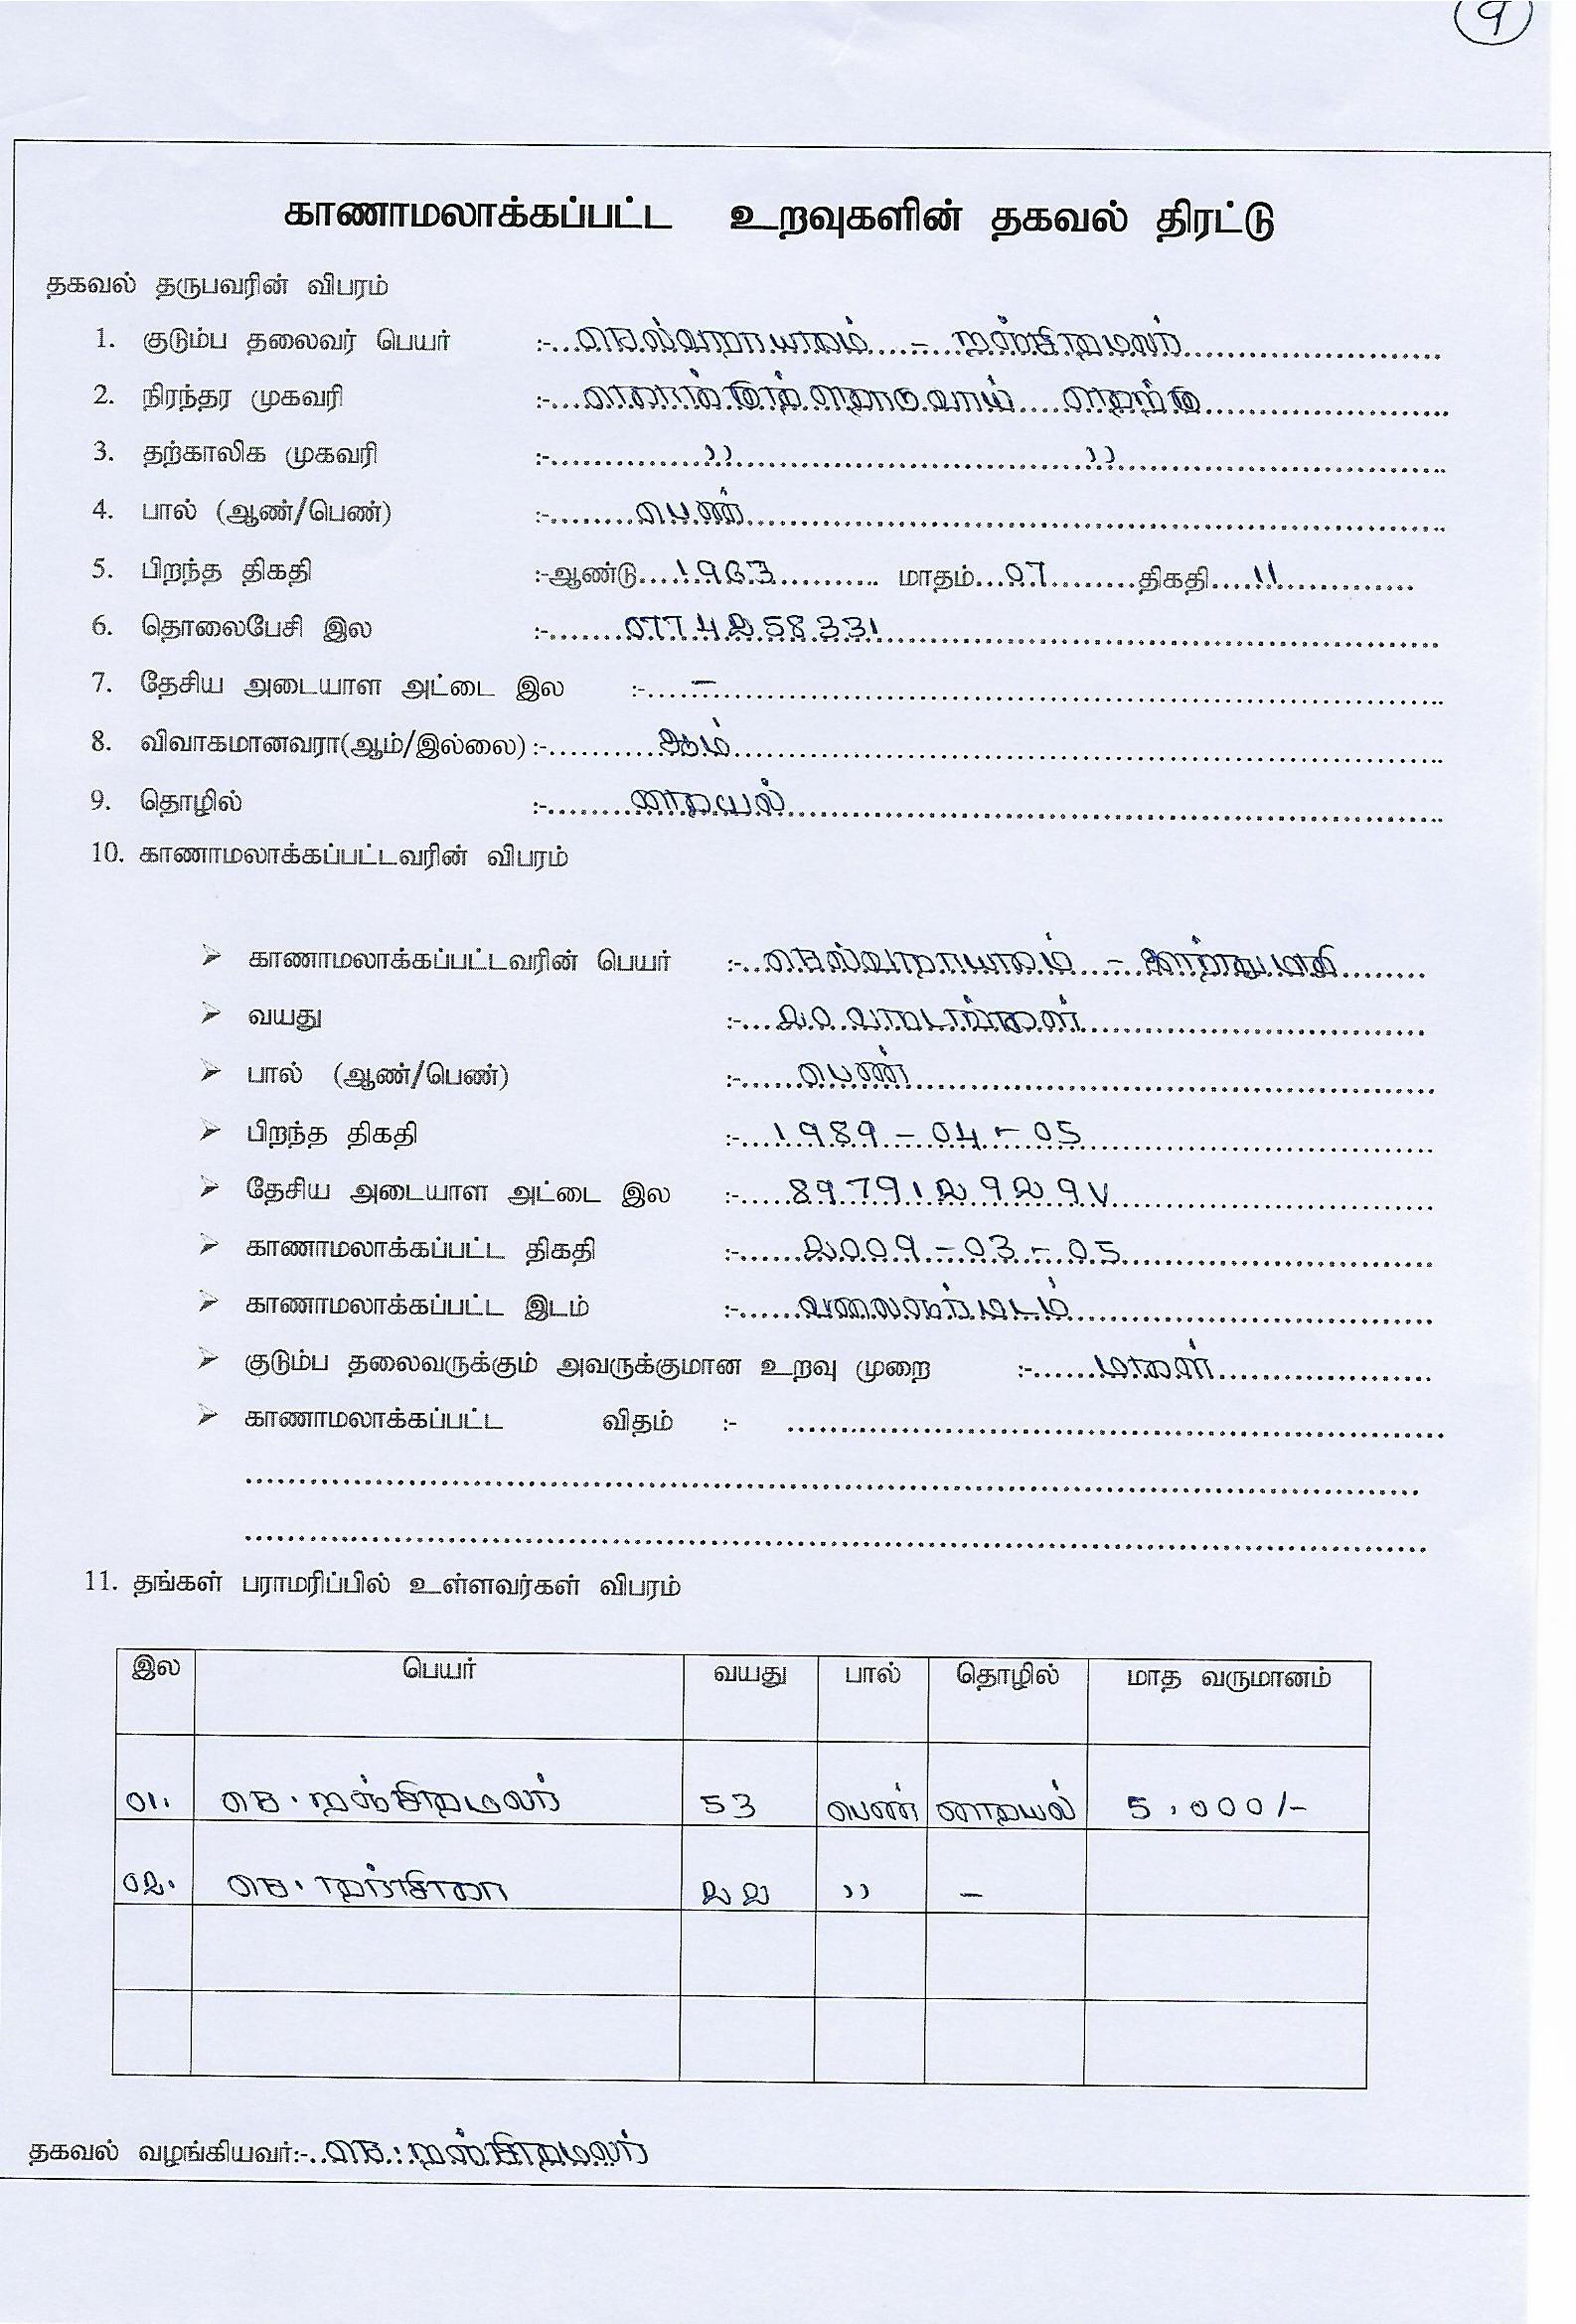 9-Selvanayakam Inthumathi